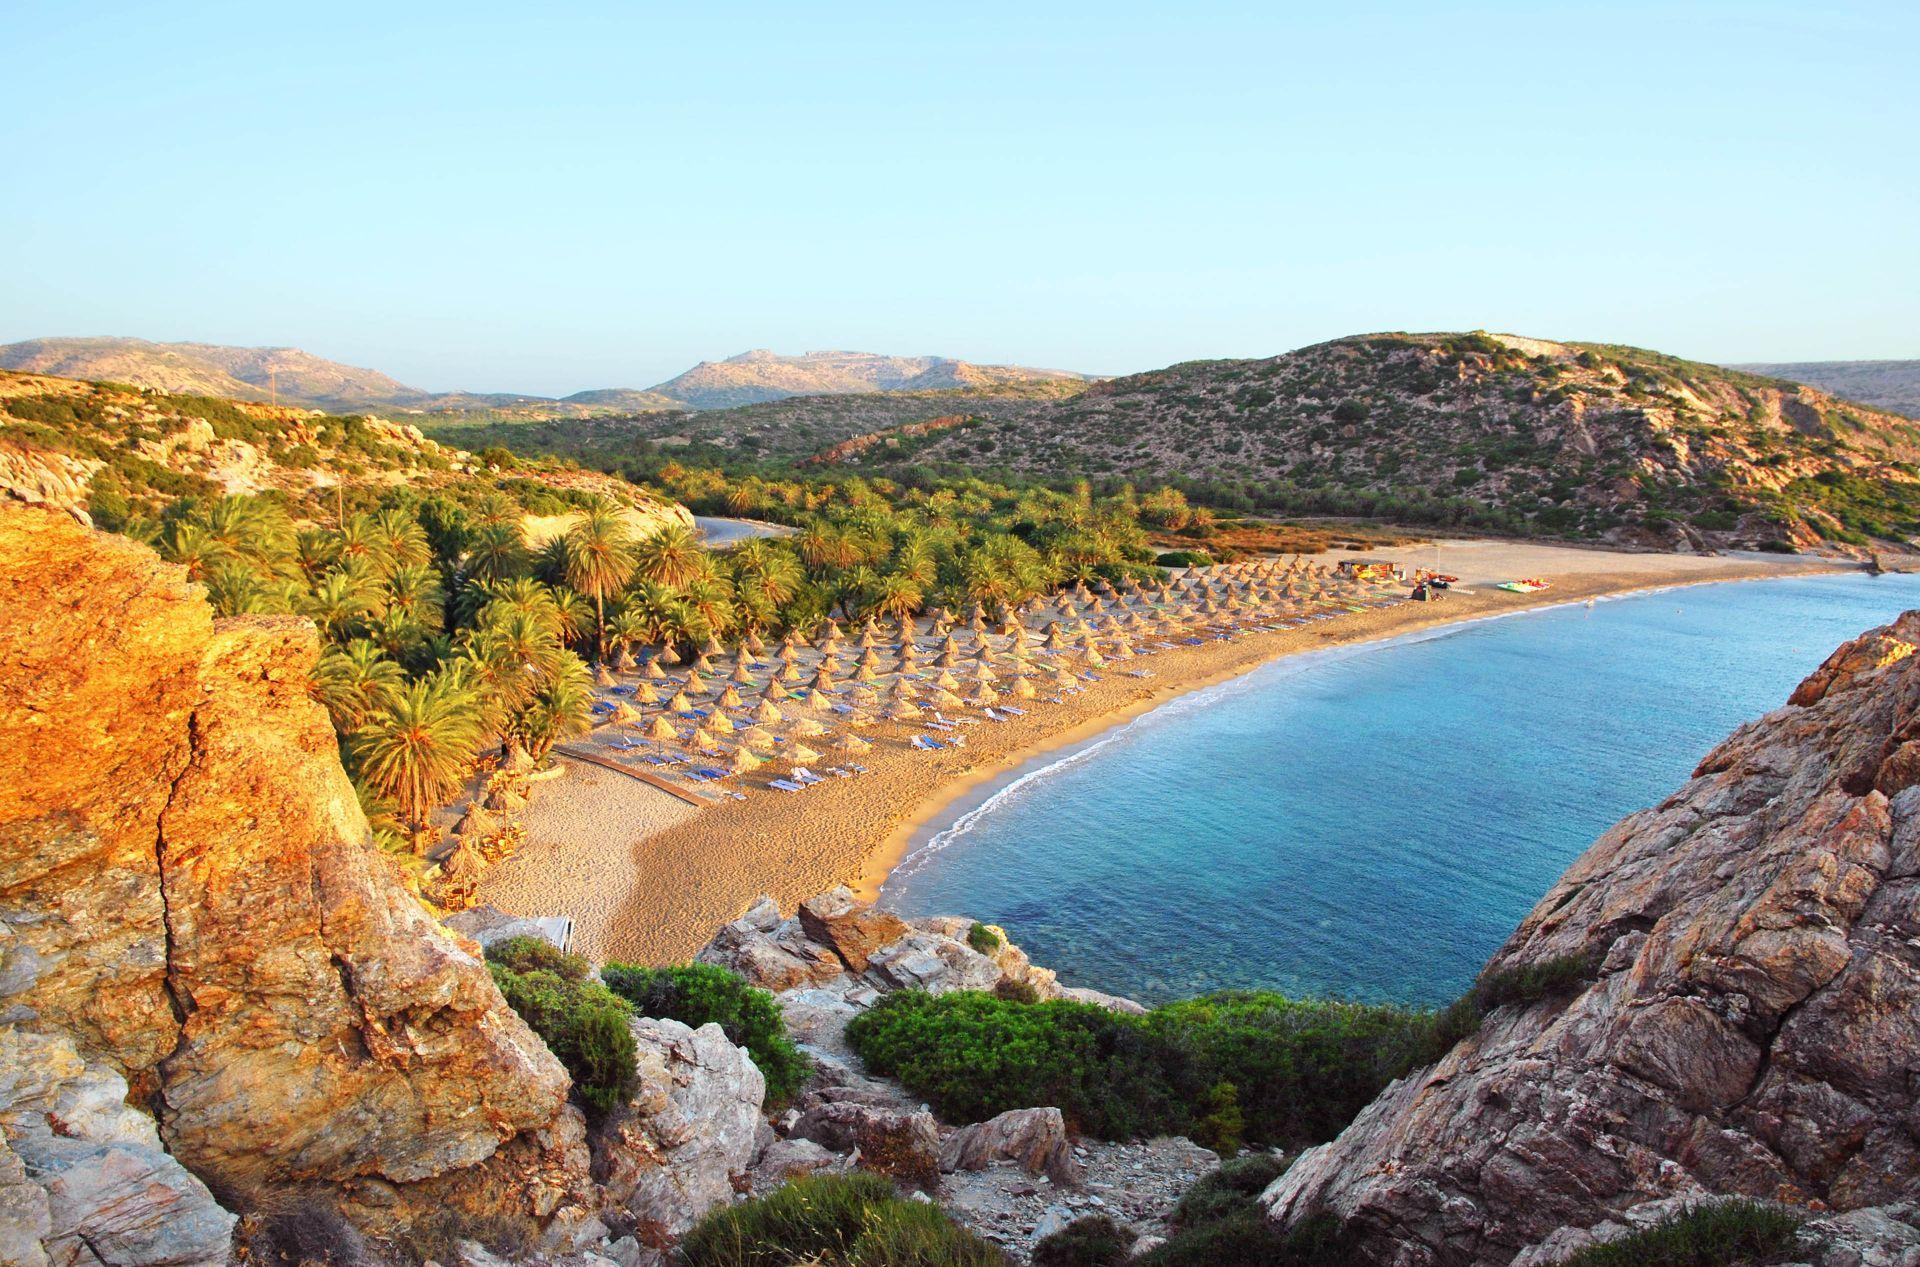 Crete Island: Vai beach in Lassithi, Crete